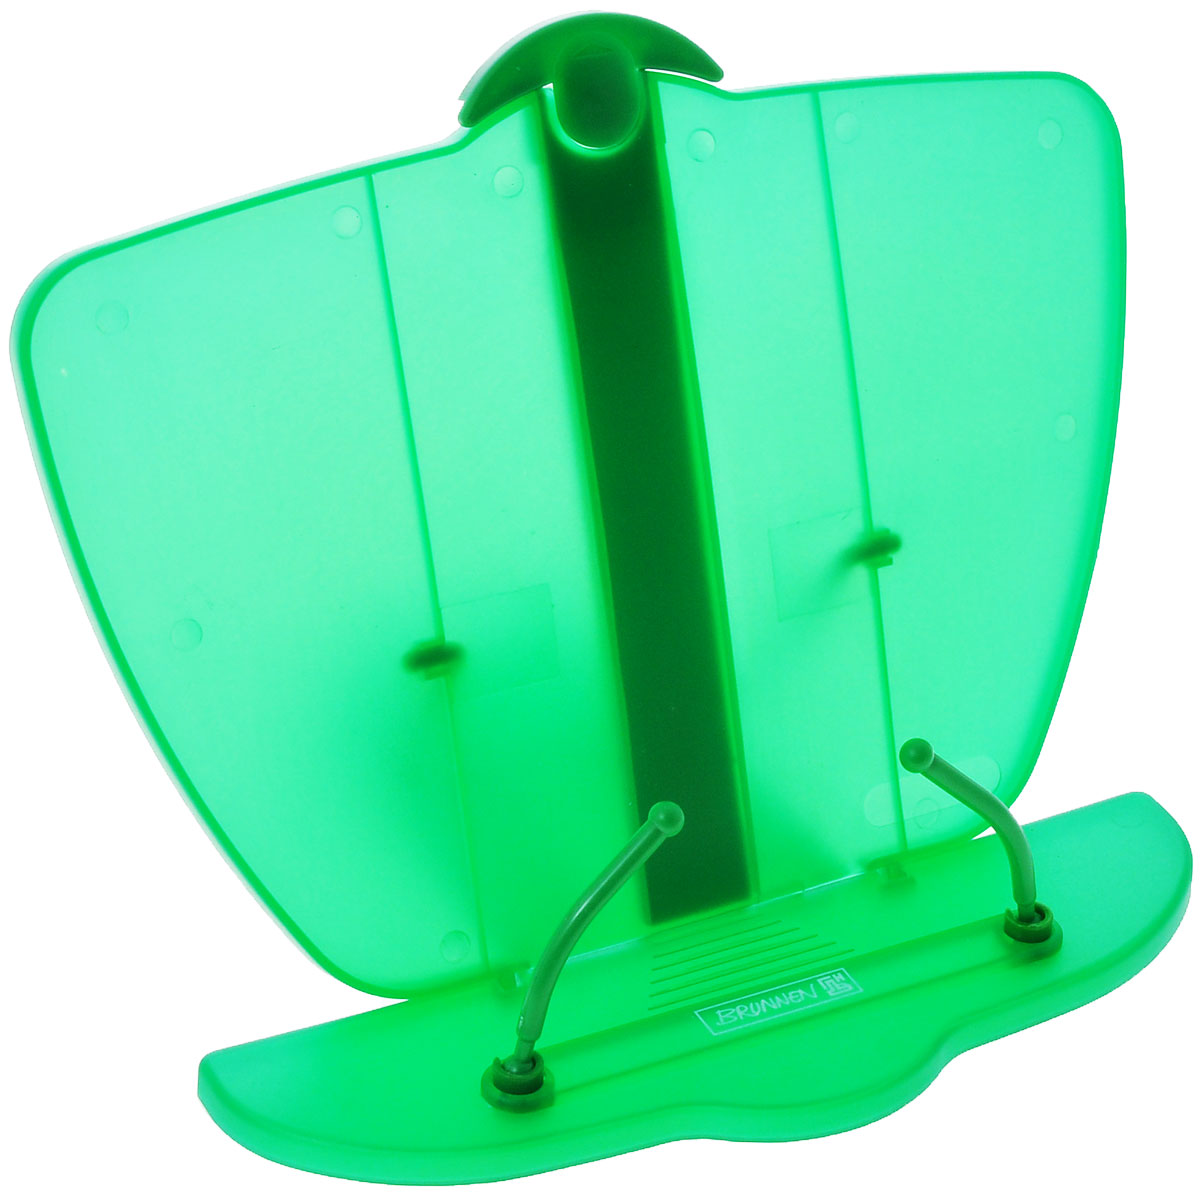 Brunnen Подставка для учебников, цвет: зеленый72523WDПодставка для учебников Brunnen, выполненная из полупрозрачного прочного пластика синего цвета.Удобная и устойчивая подставка специально предназначена в помощь в обучении, а несколько ступеней креплений сделает удобным наклон в соответствии со всеми индивидуальными предпочтениями и привычками школьника. Она обязательно понравится первоклашке и станет отличным помощником в обучающем процессе, а также простимулирует его интерес к учебе.